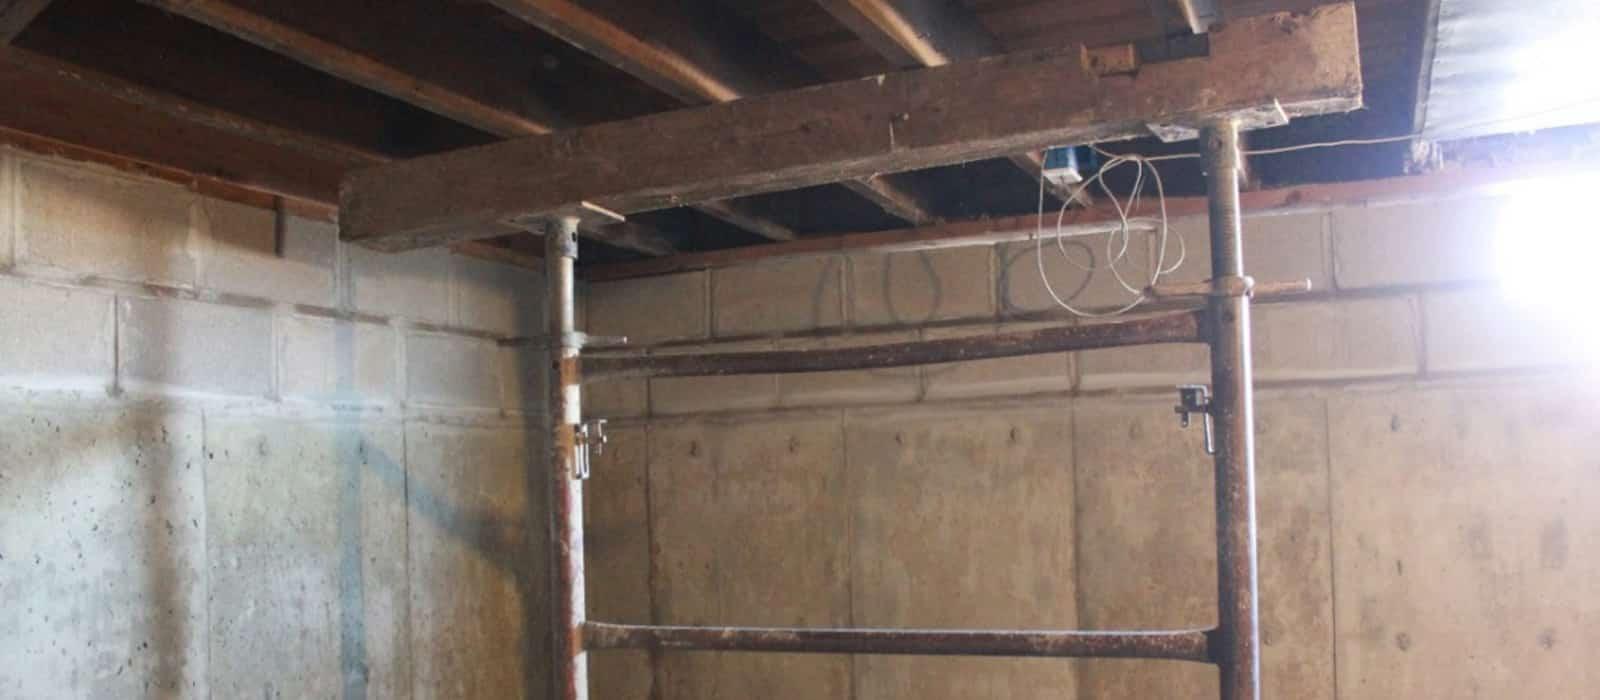 Basement Waterproofing In Belleville Il